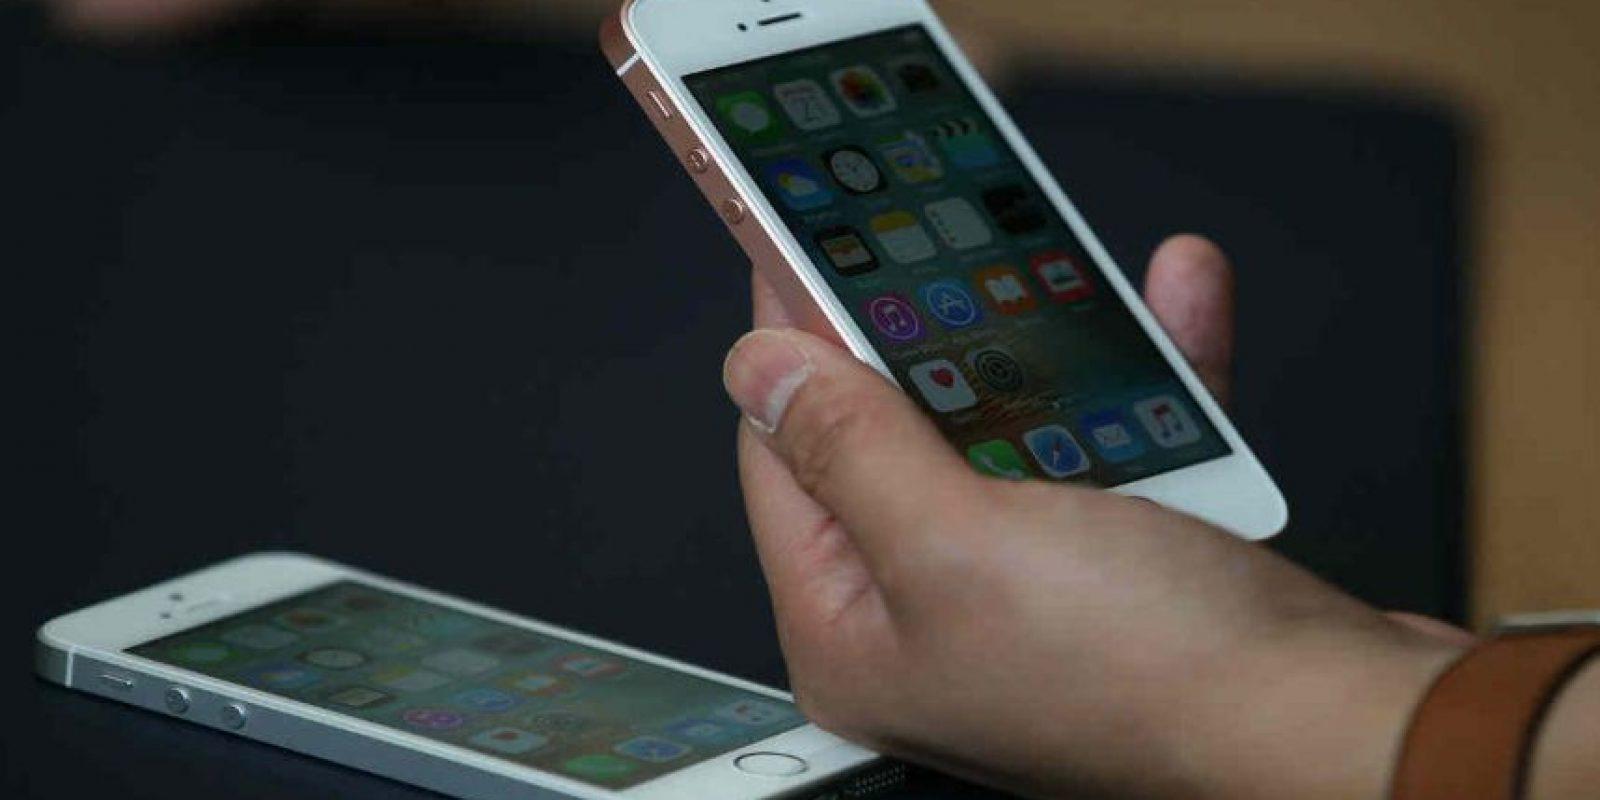 Al final, el FBI logró desbloquear el iPhone. Foto:Getty Images